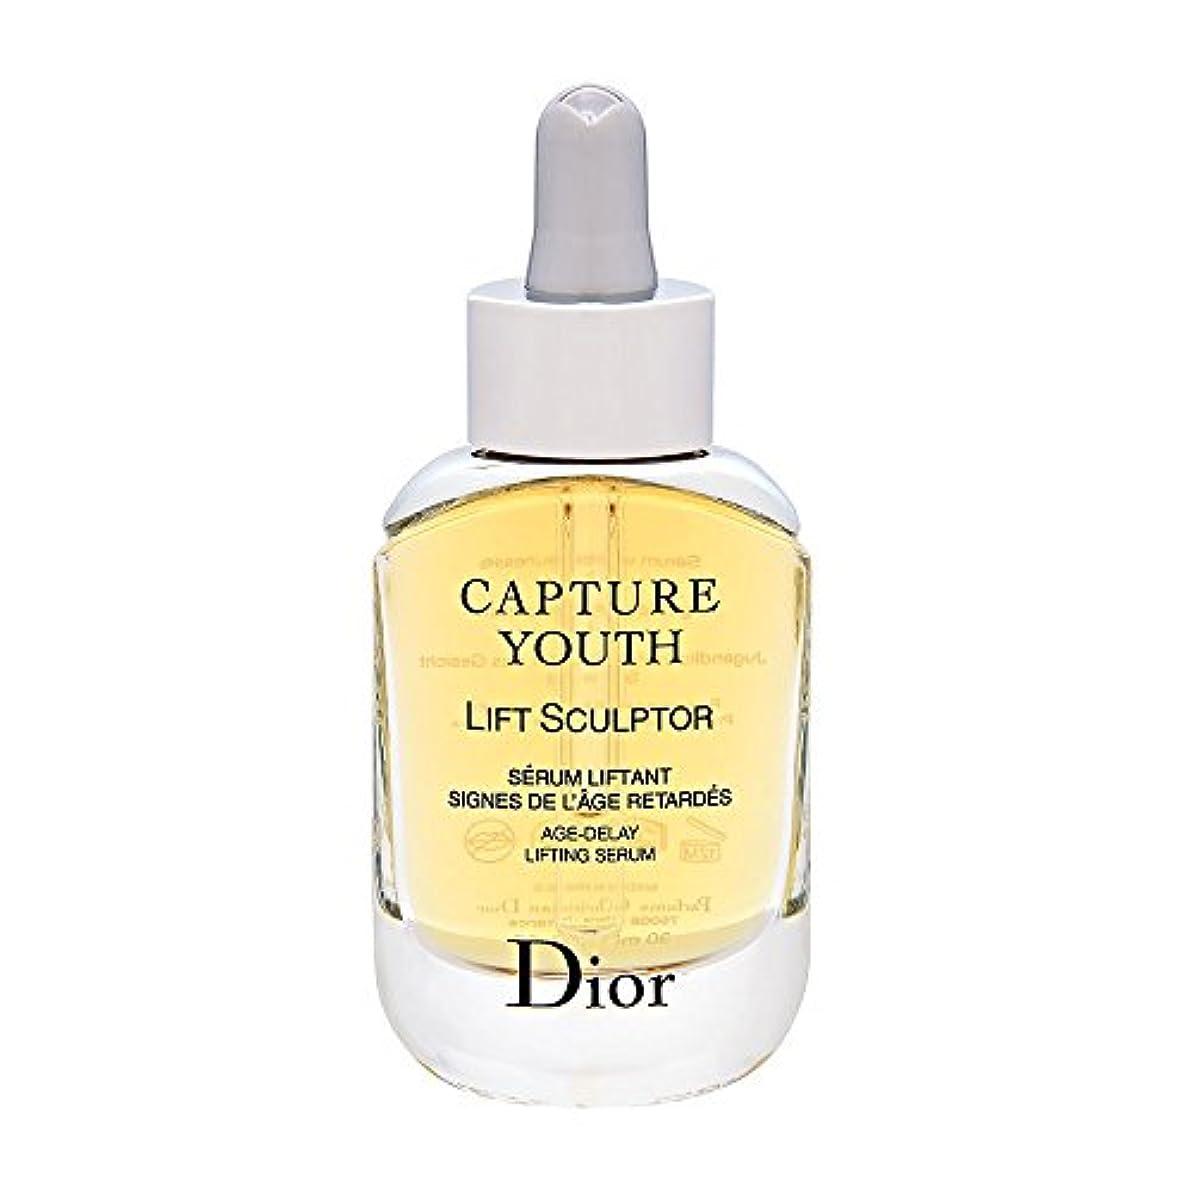 トリプル害虫ラグクリスチャンディオール Christian Dior カプチュール ユース L スカルプター 30mL [並行輸入品]